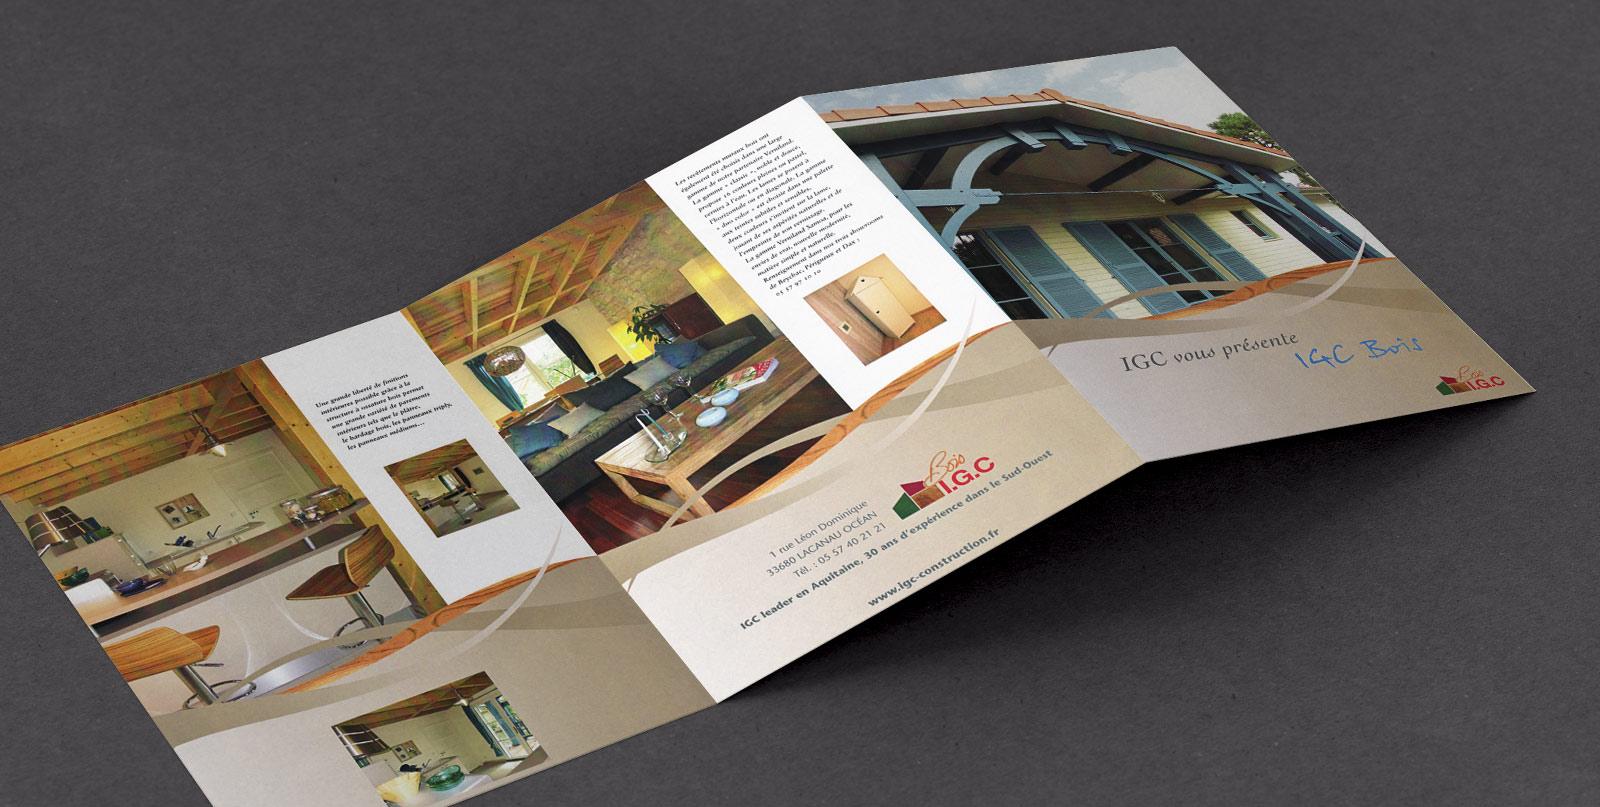 brochure IGC bois, présentation de la gamme